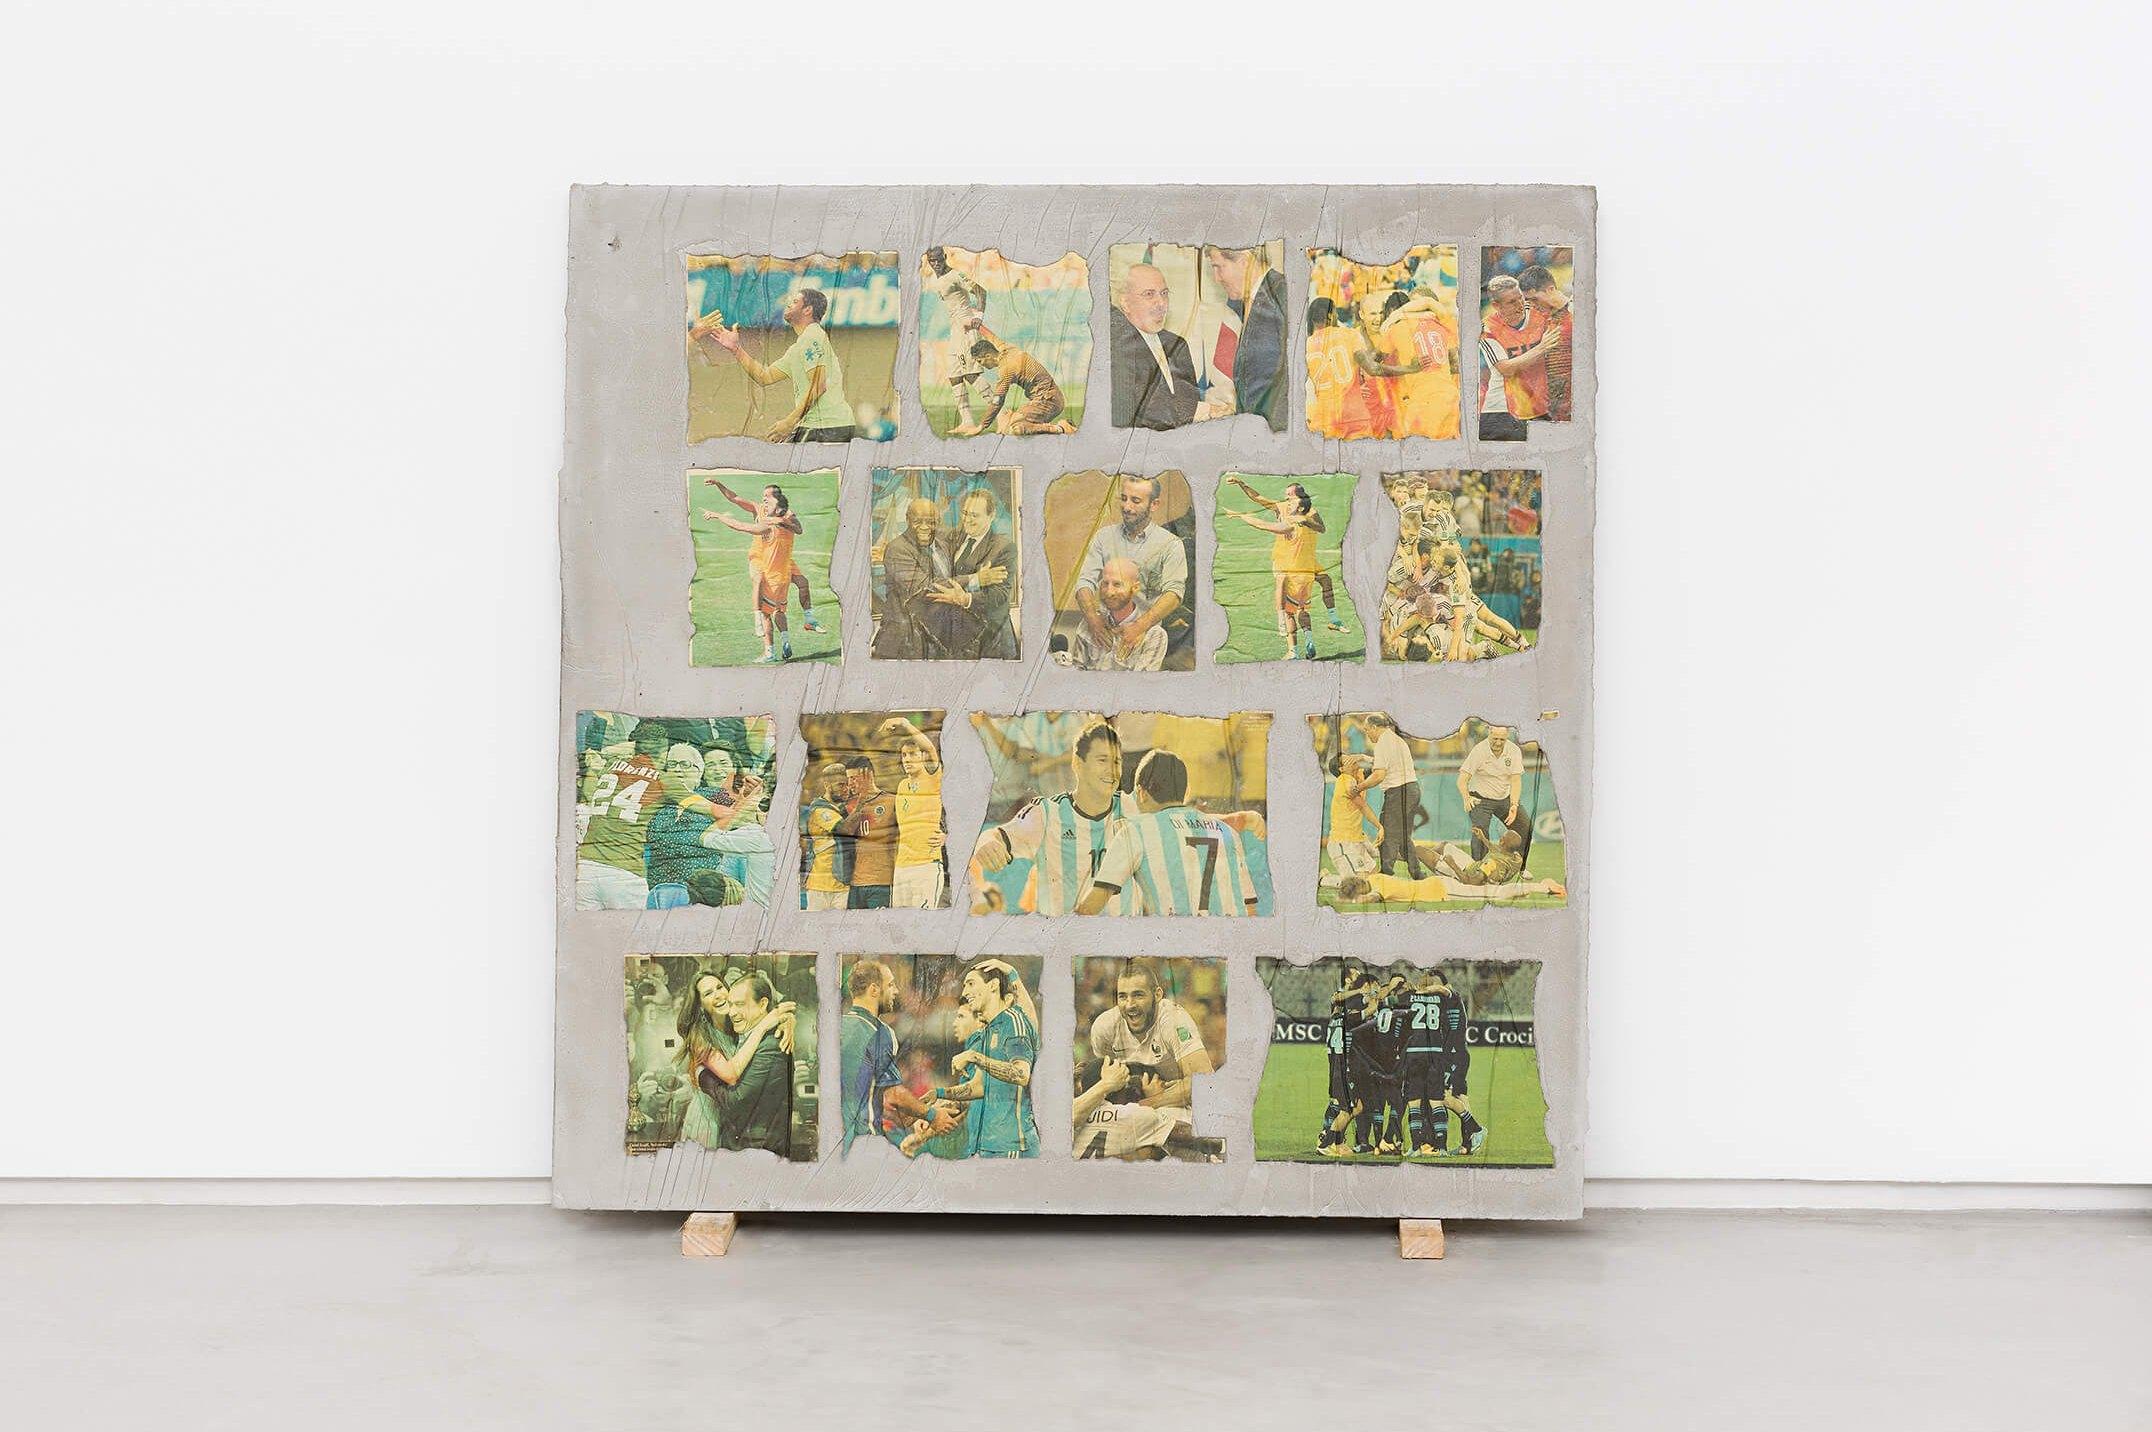 Matheus Rocha Pitta, <em>Vigésimo Sétimo Acordo</em>, 2013, concrete and paper, 100 × 100 × 3 cm - Mendes Wood DM